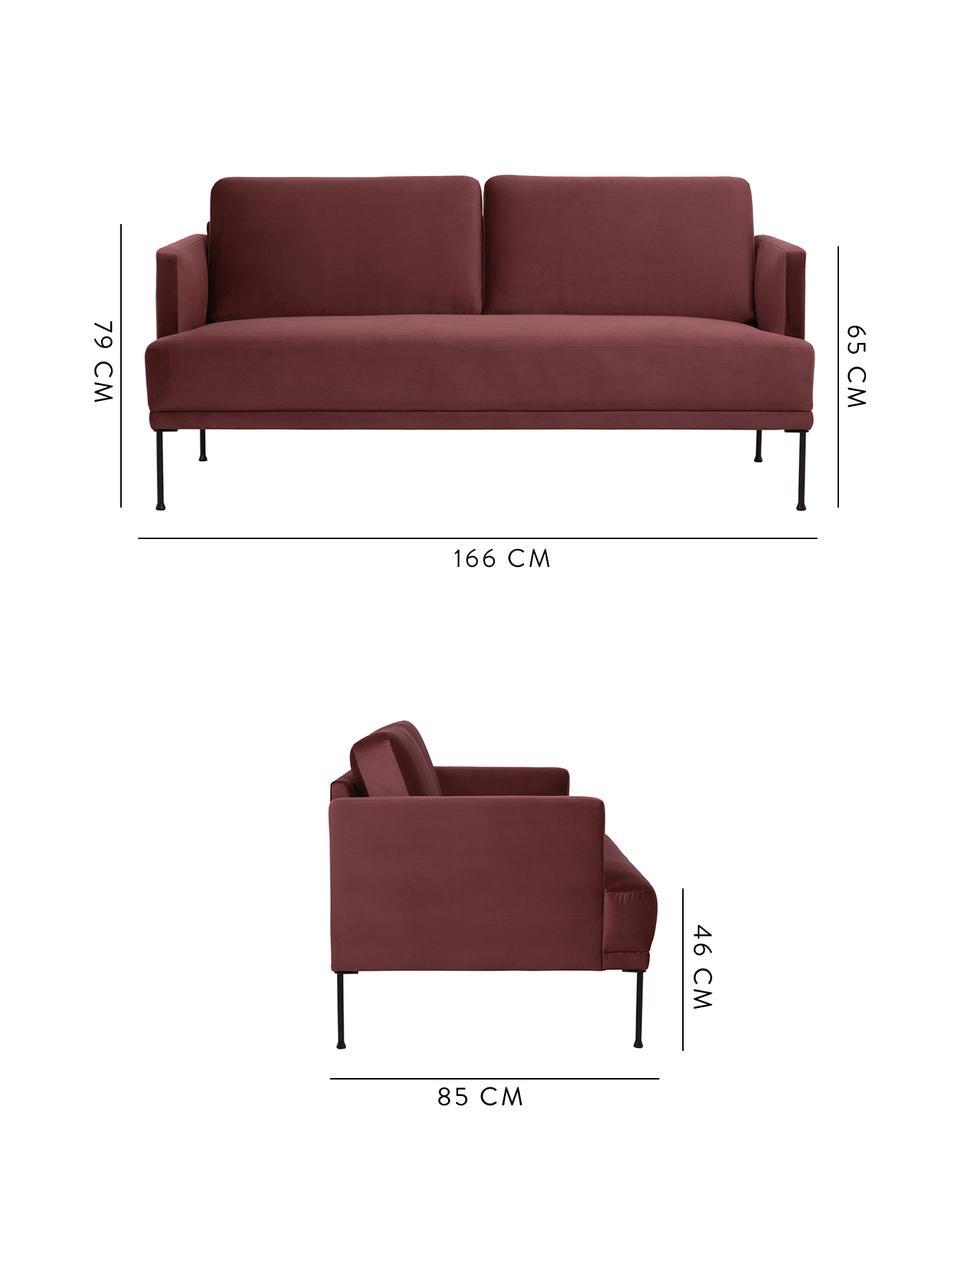 Sofa z aksamitu Fluente (2-osobowa), Tapicerka: aksamit (wysokiej jakości, Stelaż: lite drewno sosnowe, Nogi: metal malowany proszkowo, Aksamitny rudy, S 168 x G 83 cm